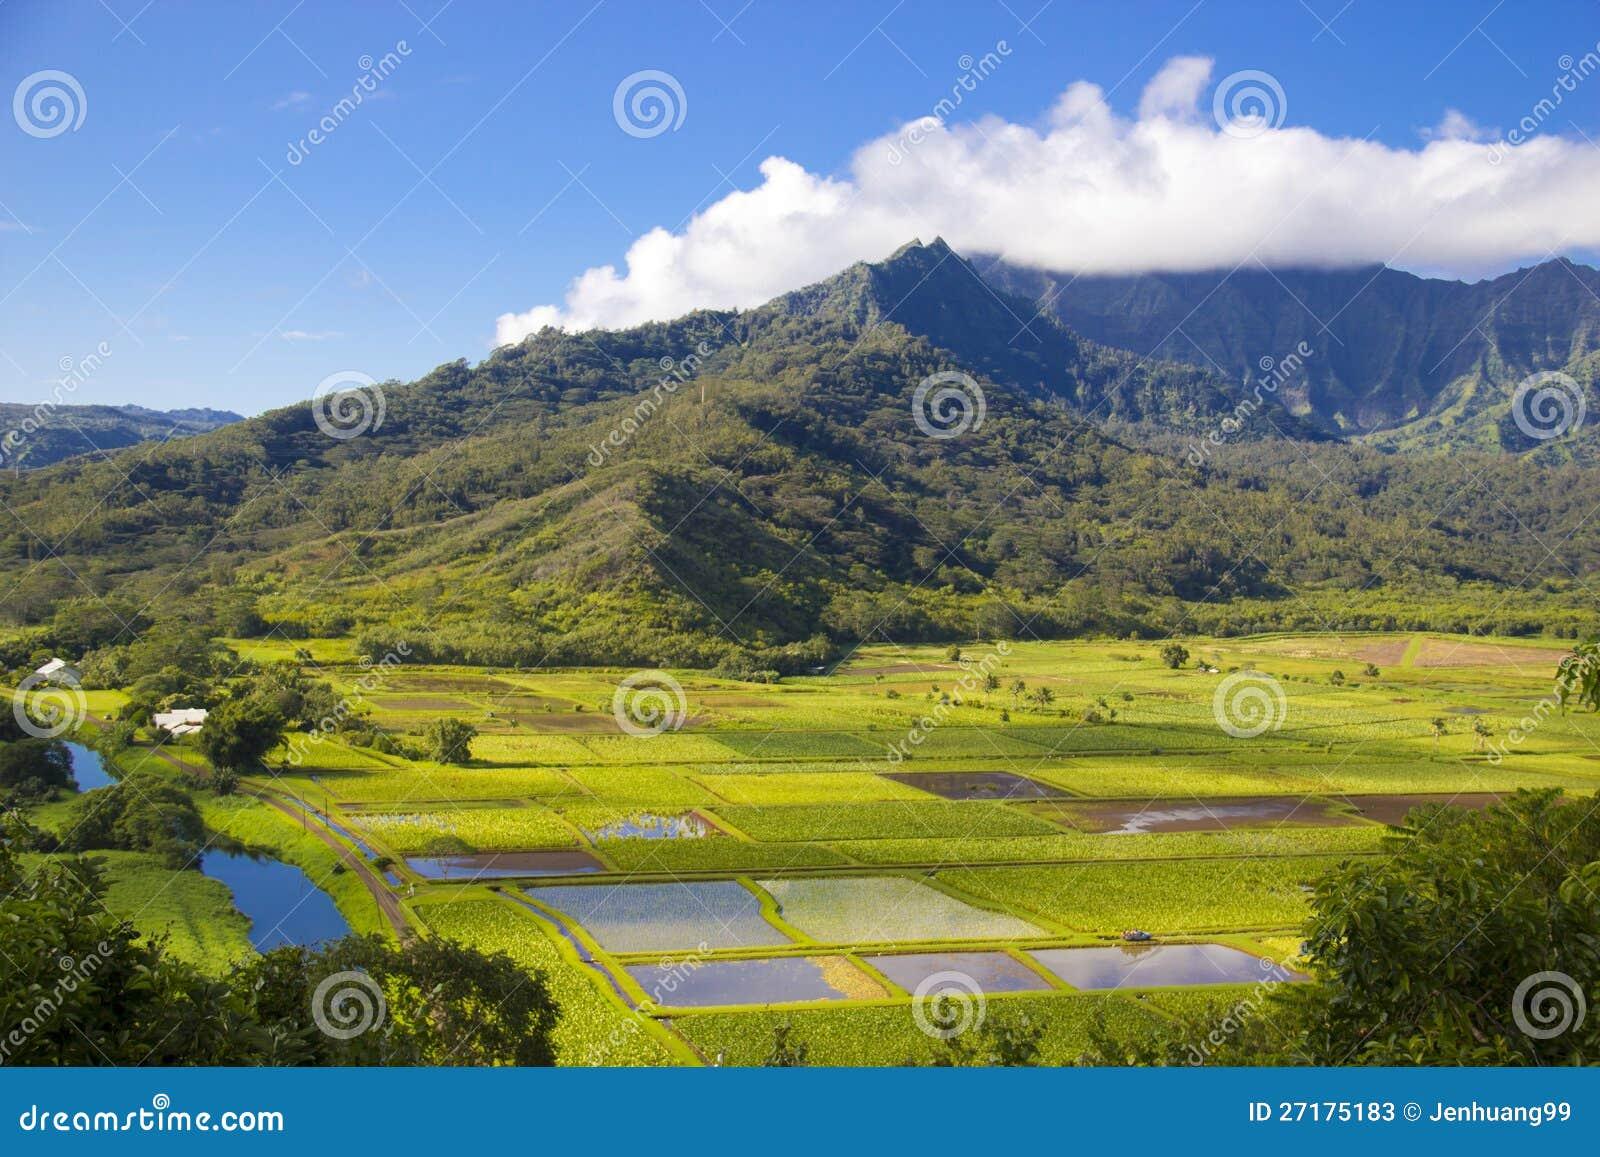 Taro Fields at Hanalei Valley, Kauai, Hawaii